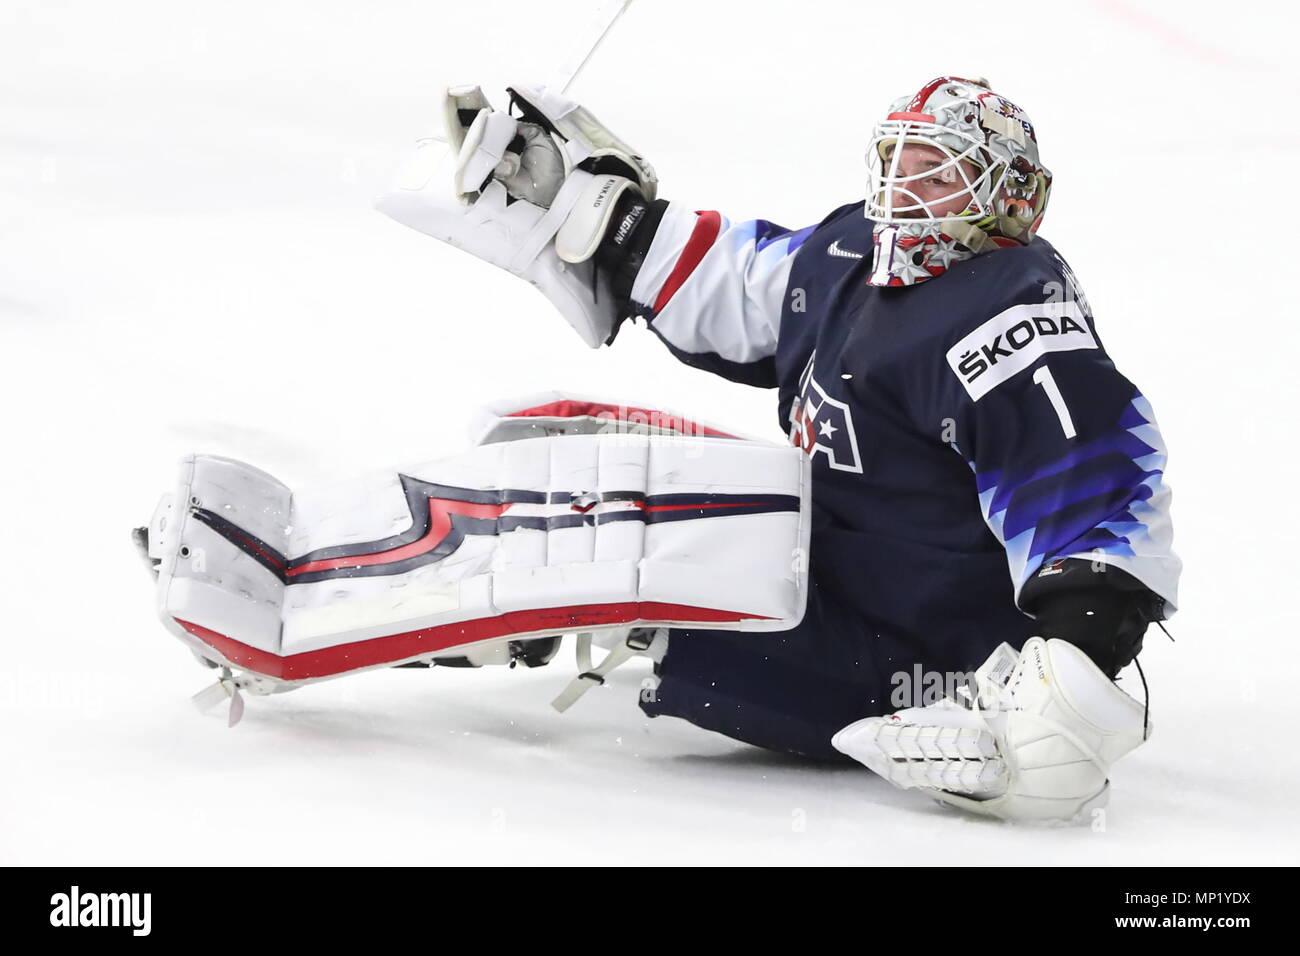 Copenhague, Dinamarca. 20 de mayo de 2018. Copenhague, Dinamarca - 20 de mayo de 2018: Los Estados Unidos Keith Kinkeid goaltender en sus 2018 Campeonato del Mundo de hockey hielo IIHF medalla de bronce contra Canadá en Royal Arena. Anton Novoderezhkin/TASS Crédito: Agencia de Noticias ITAR-TASS/Alamy Live News Foto de stock